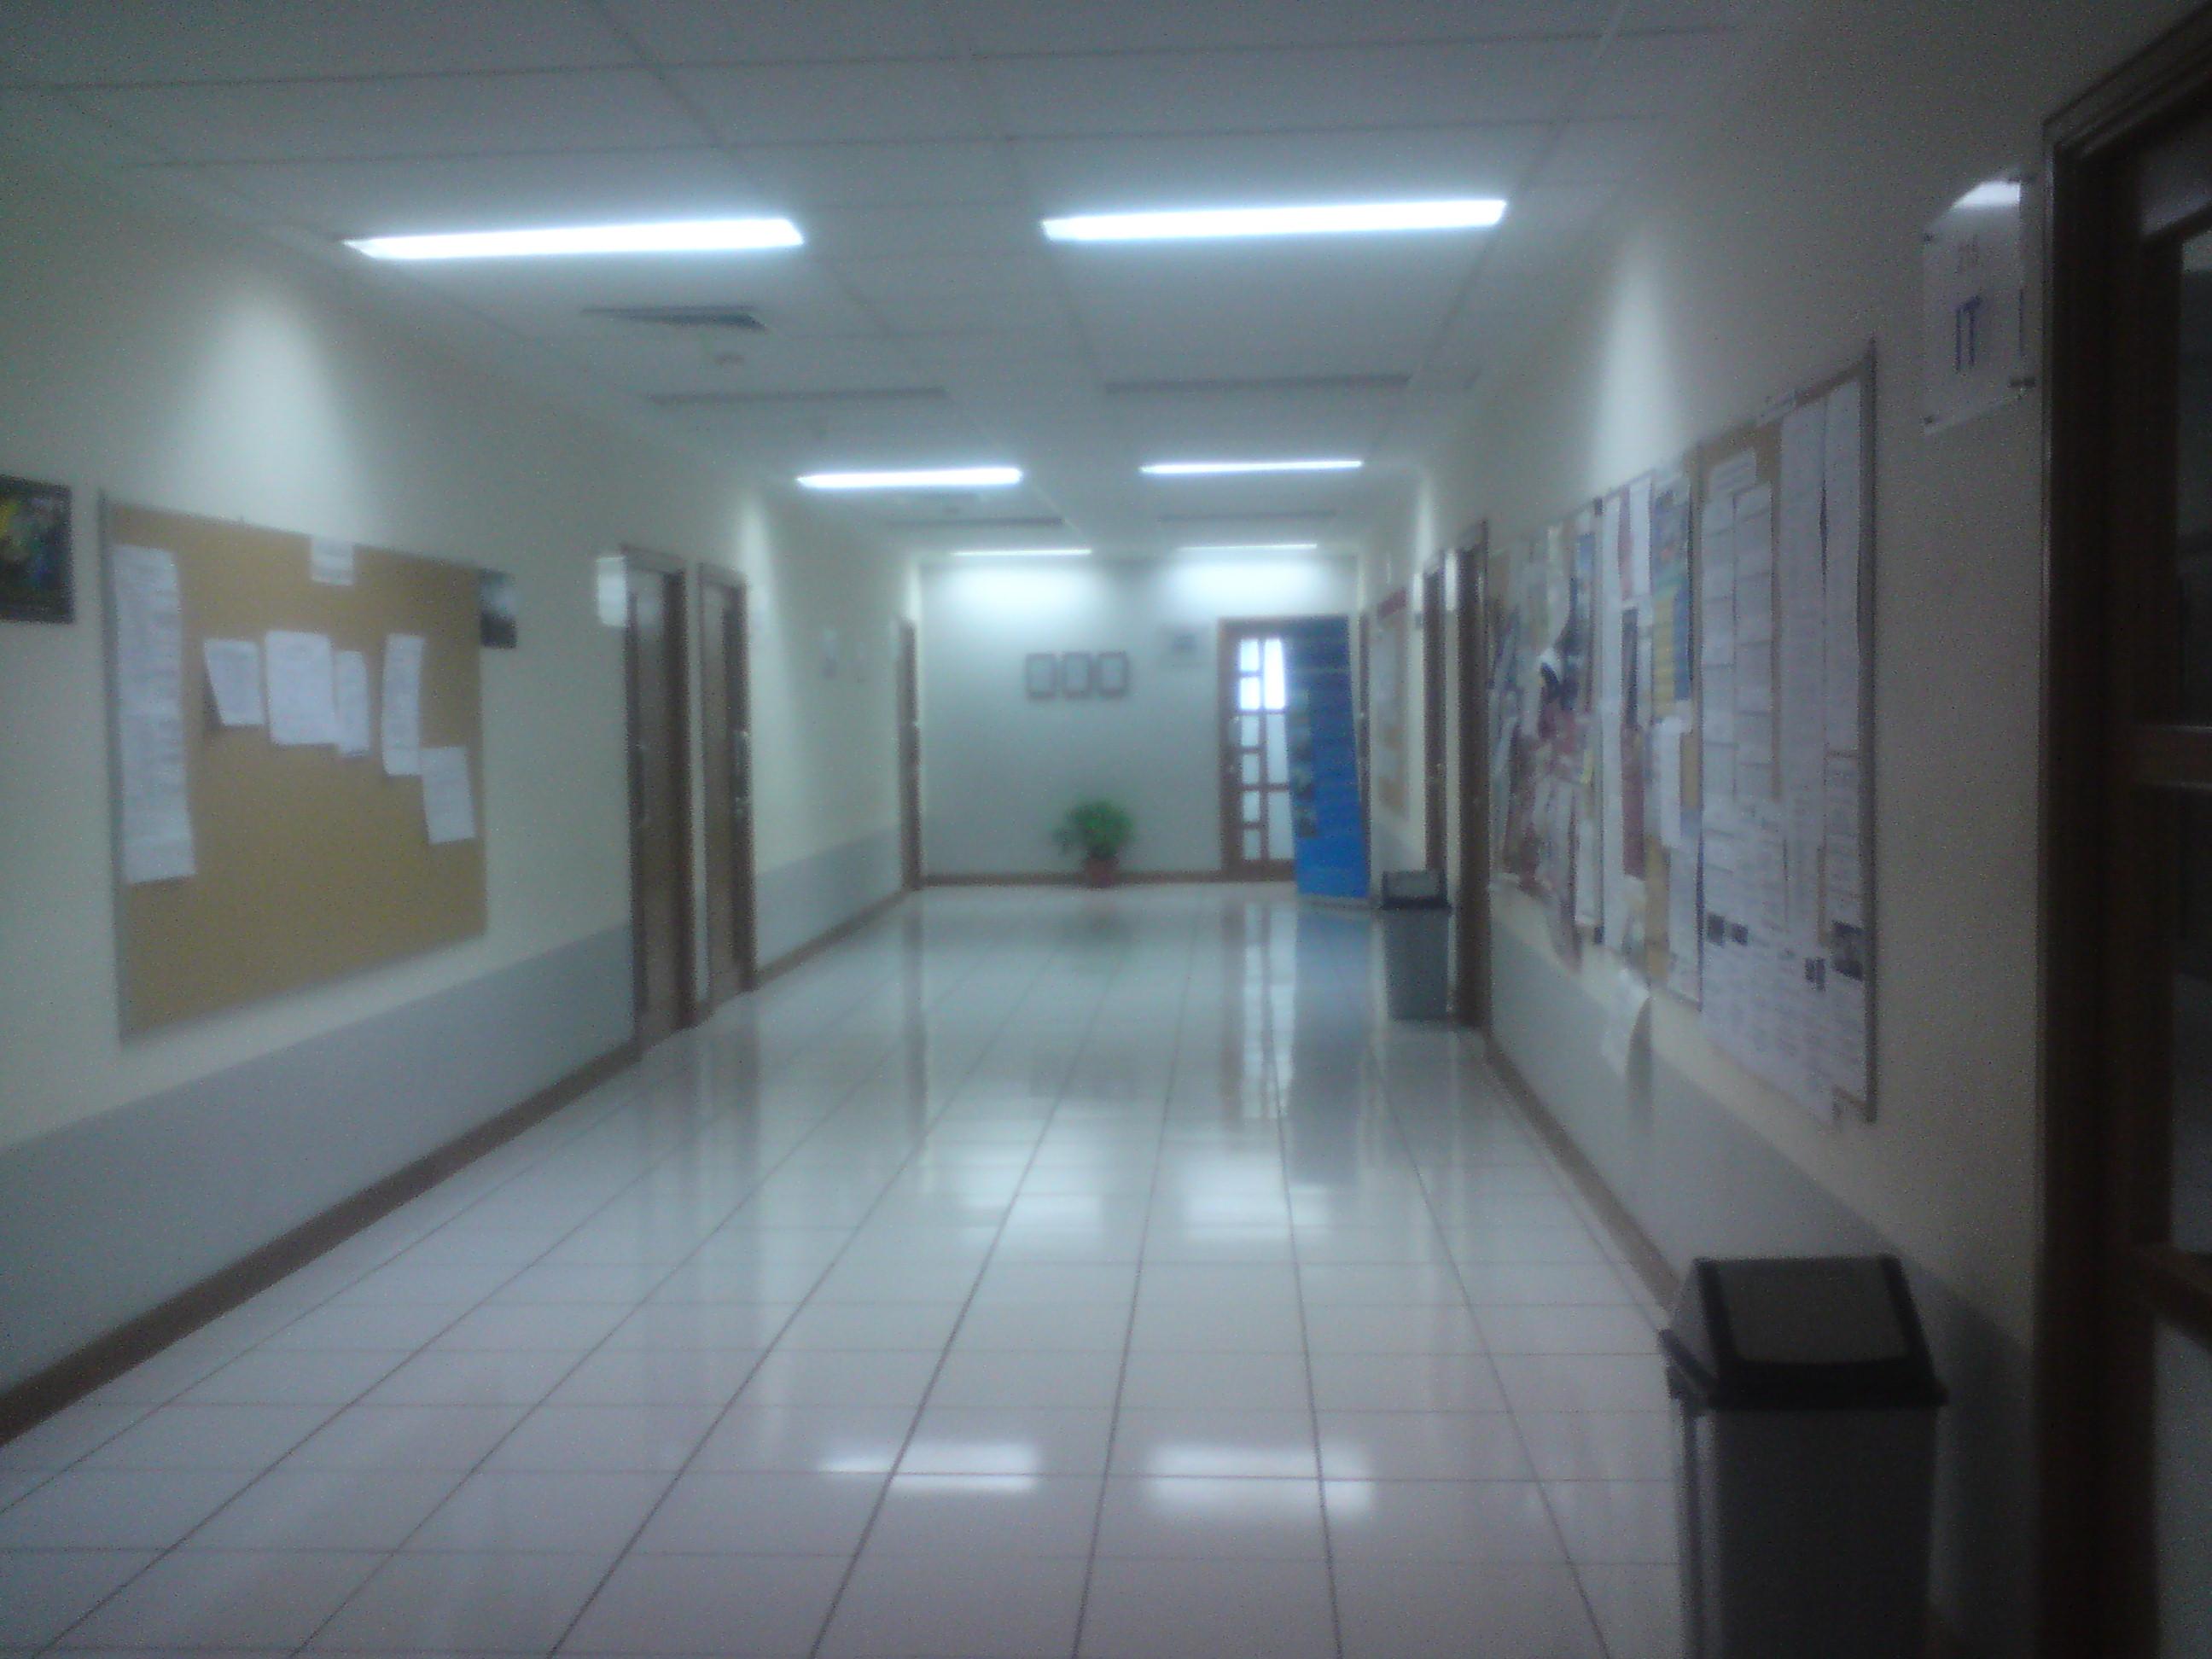 lorong kampus | Sugiantomann's Blog